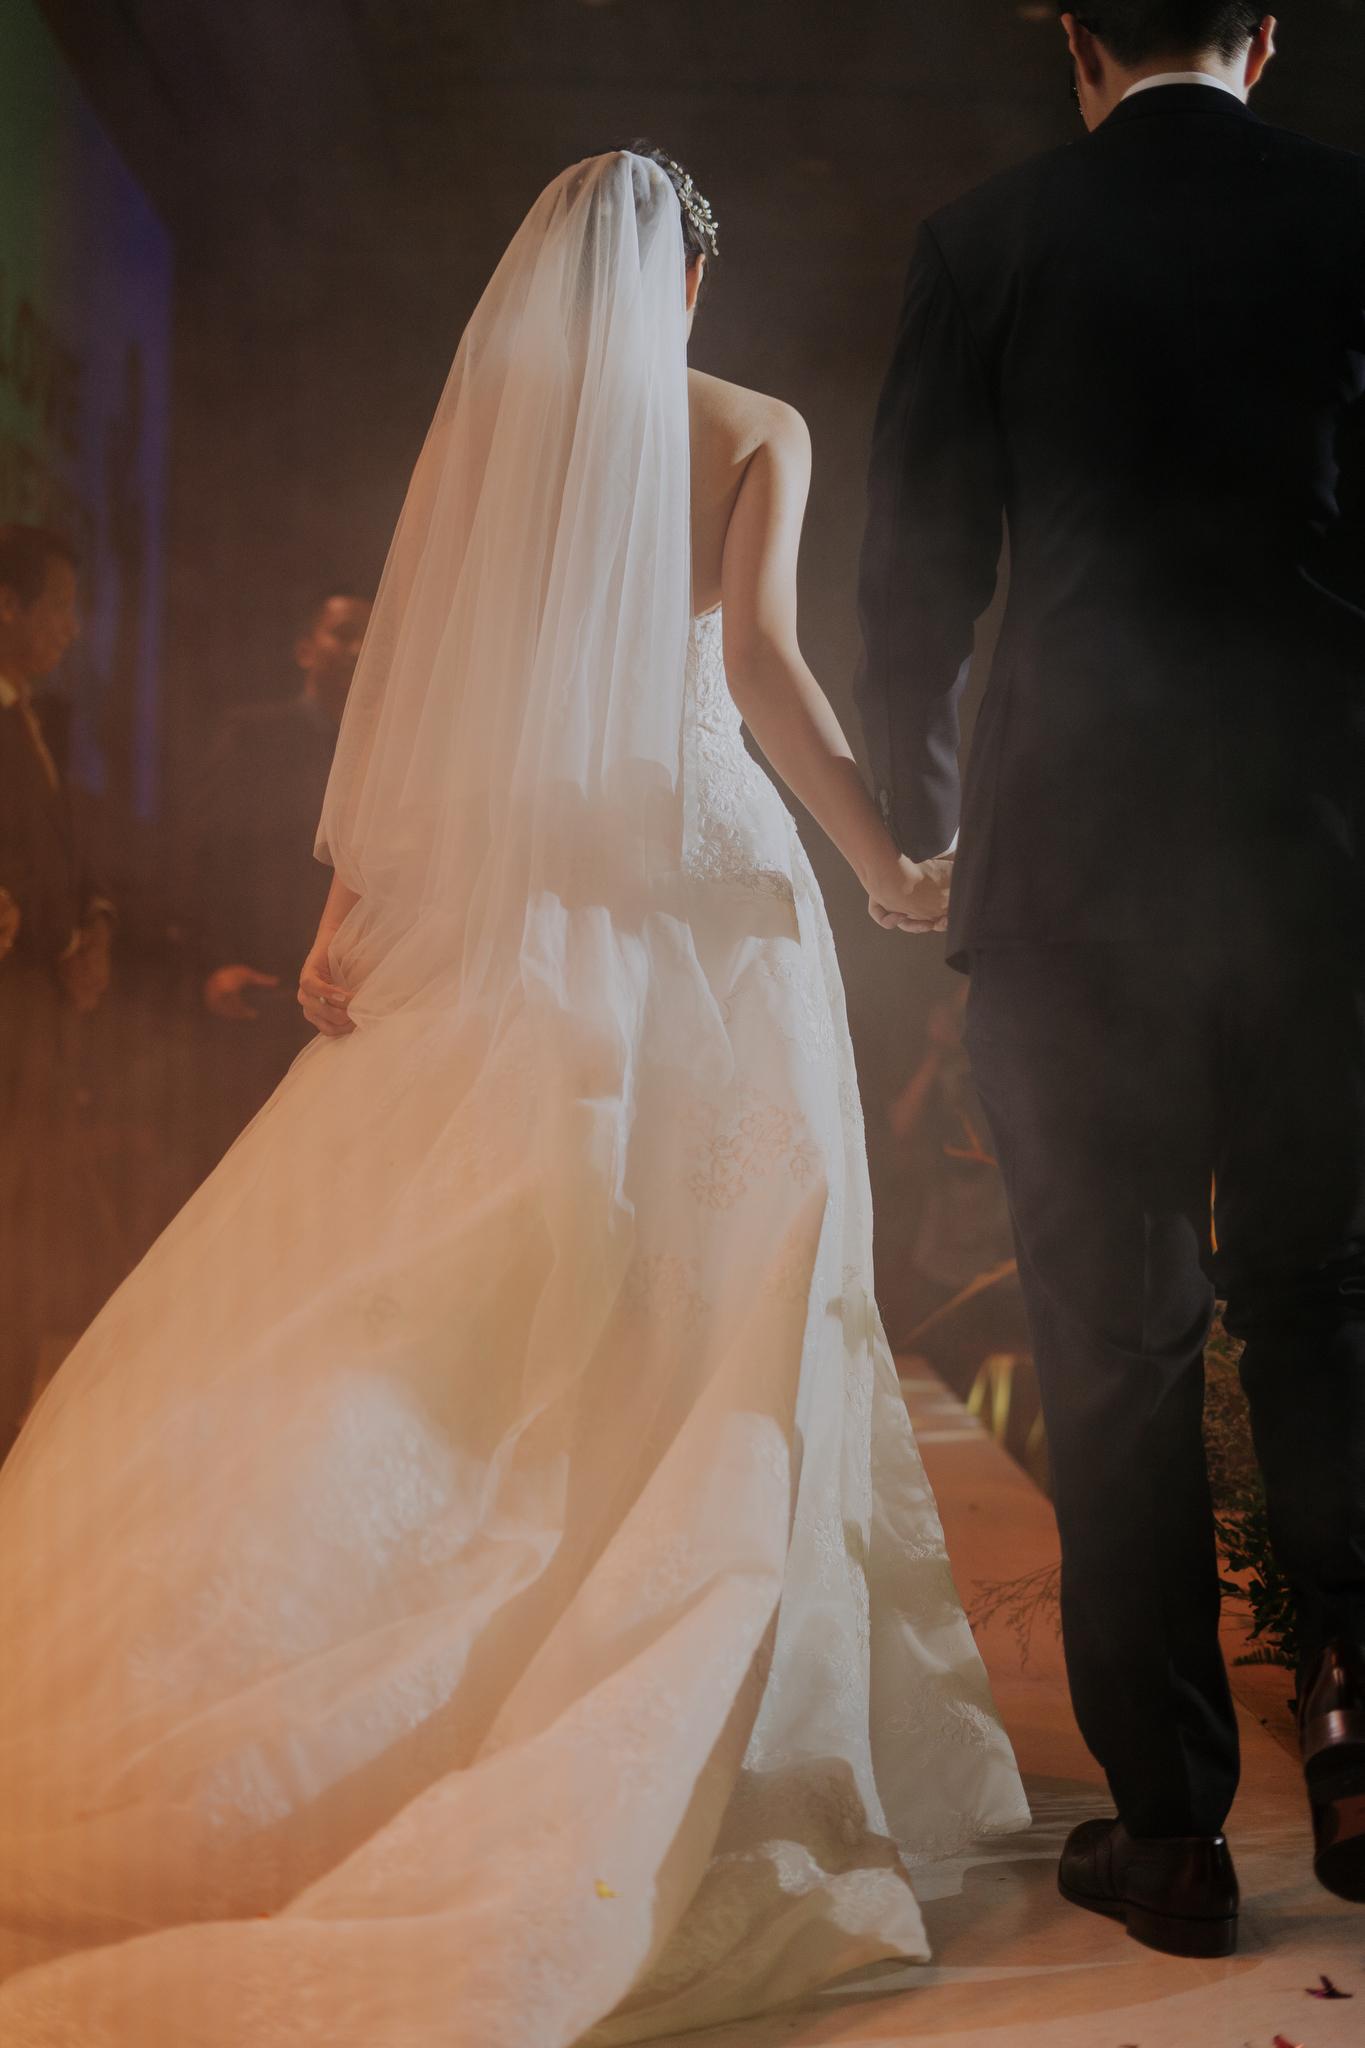 https://huk.s3.amazonaws.com/uploads/image/source/1451/Phuong-Diep-HN-Ceremony-2-0211.JPG